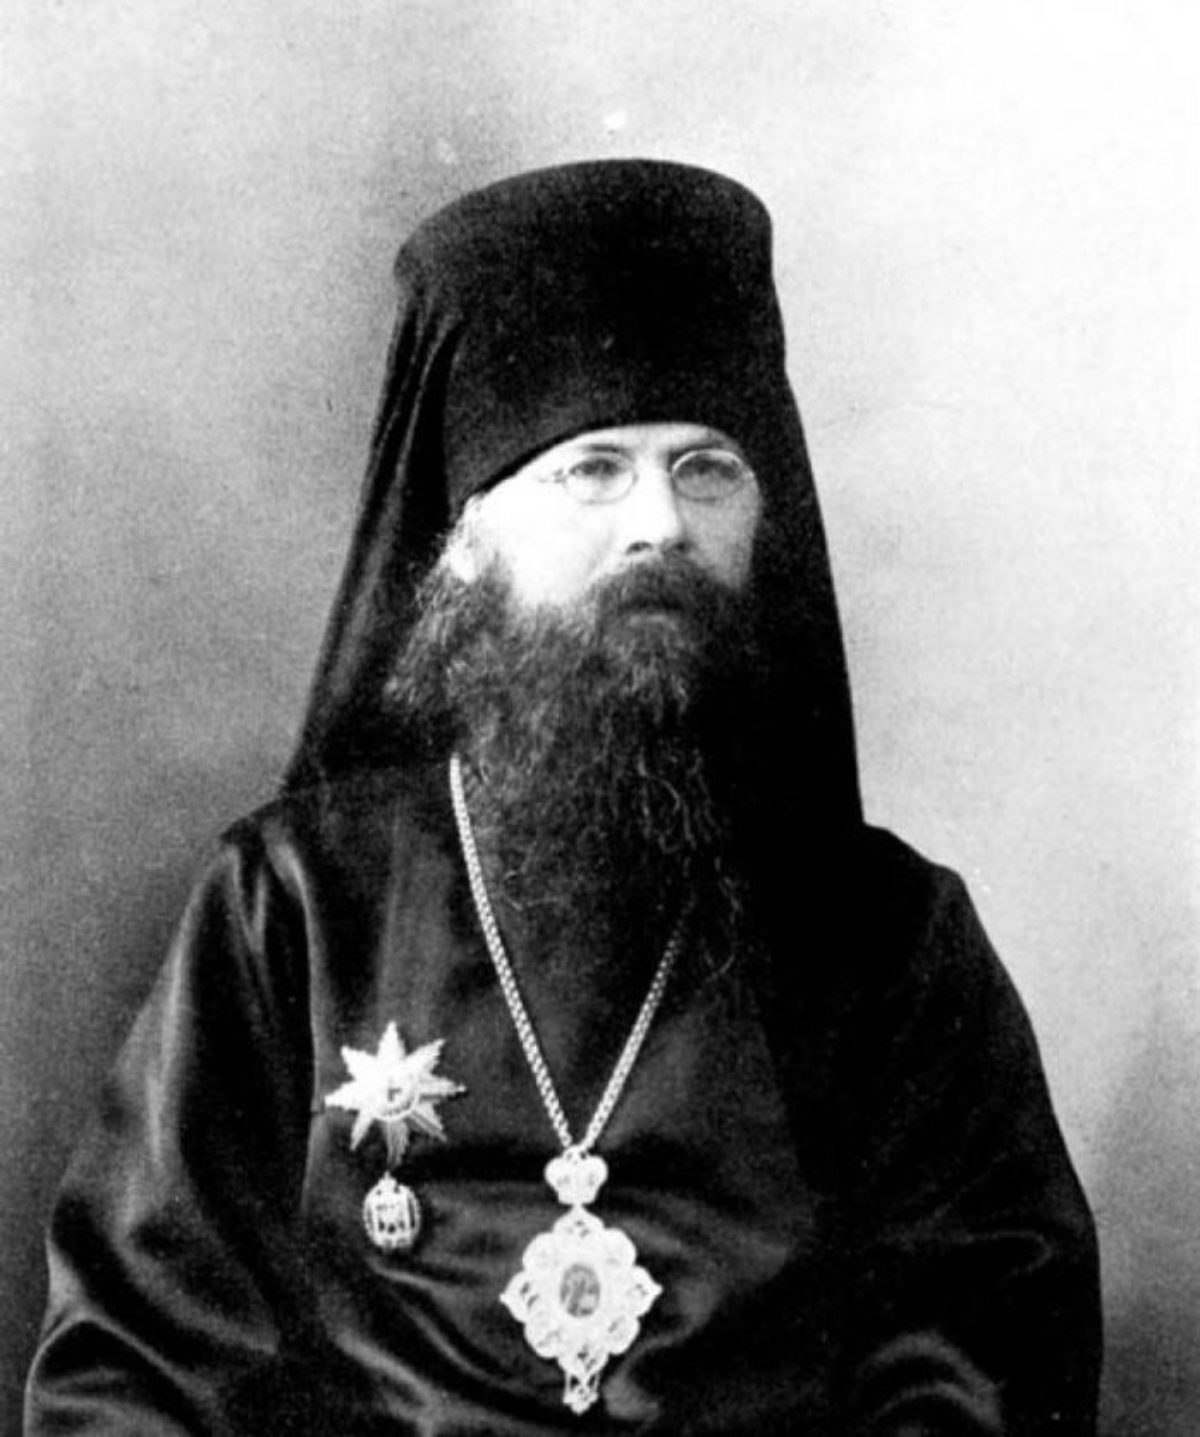 Священномученик Вениамин Петроградский: «Христос наша жизнь, свет и покой»